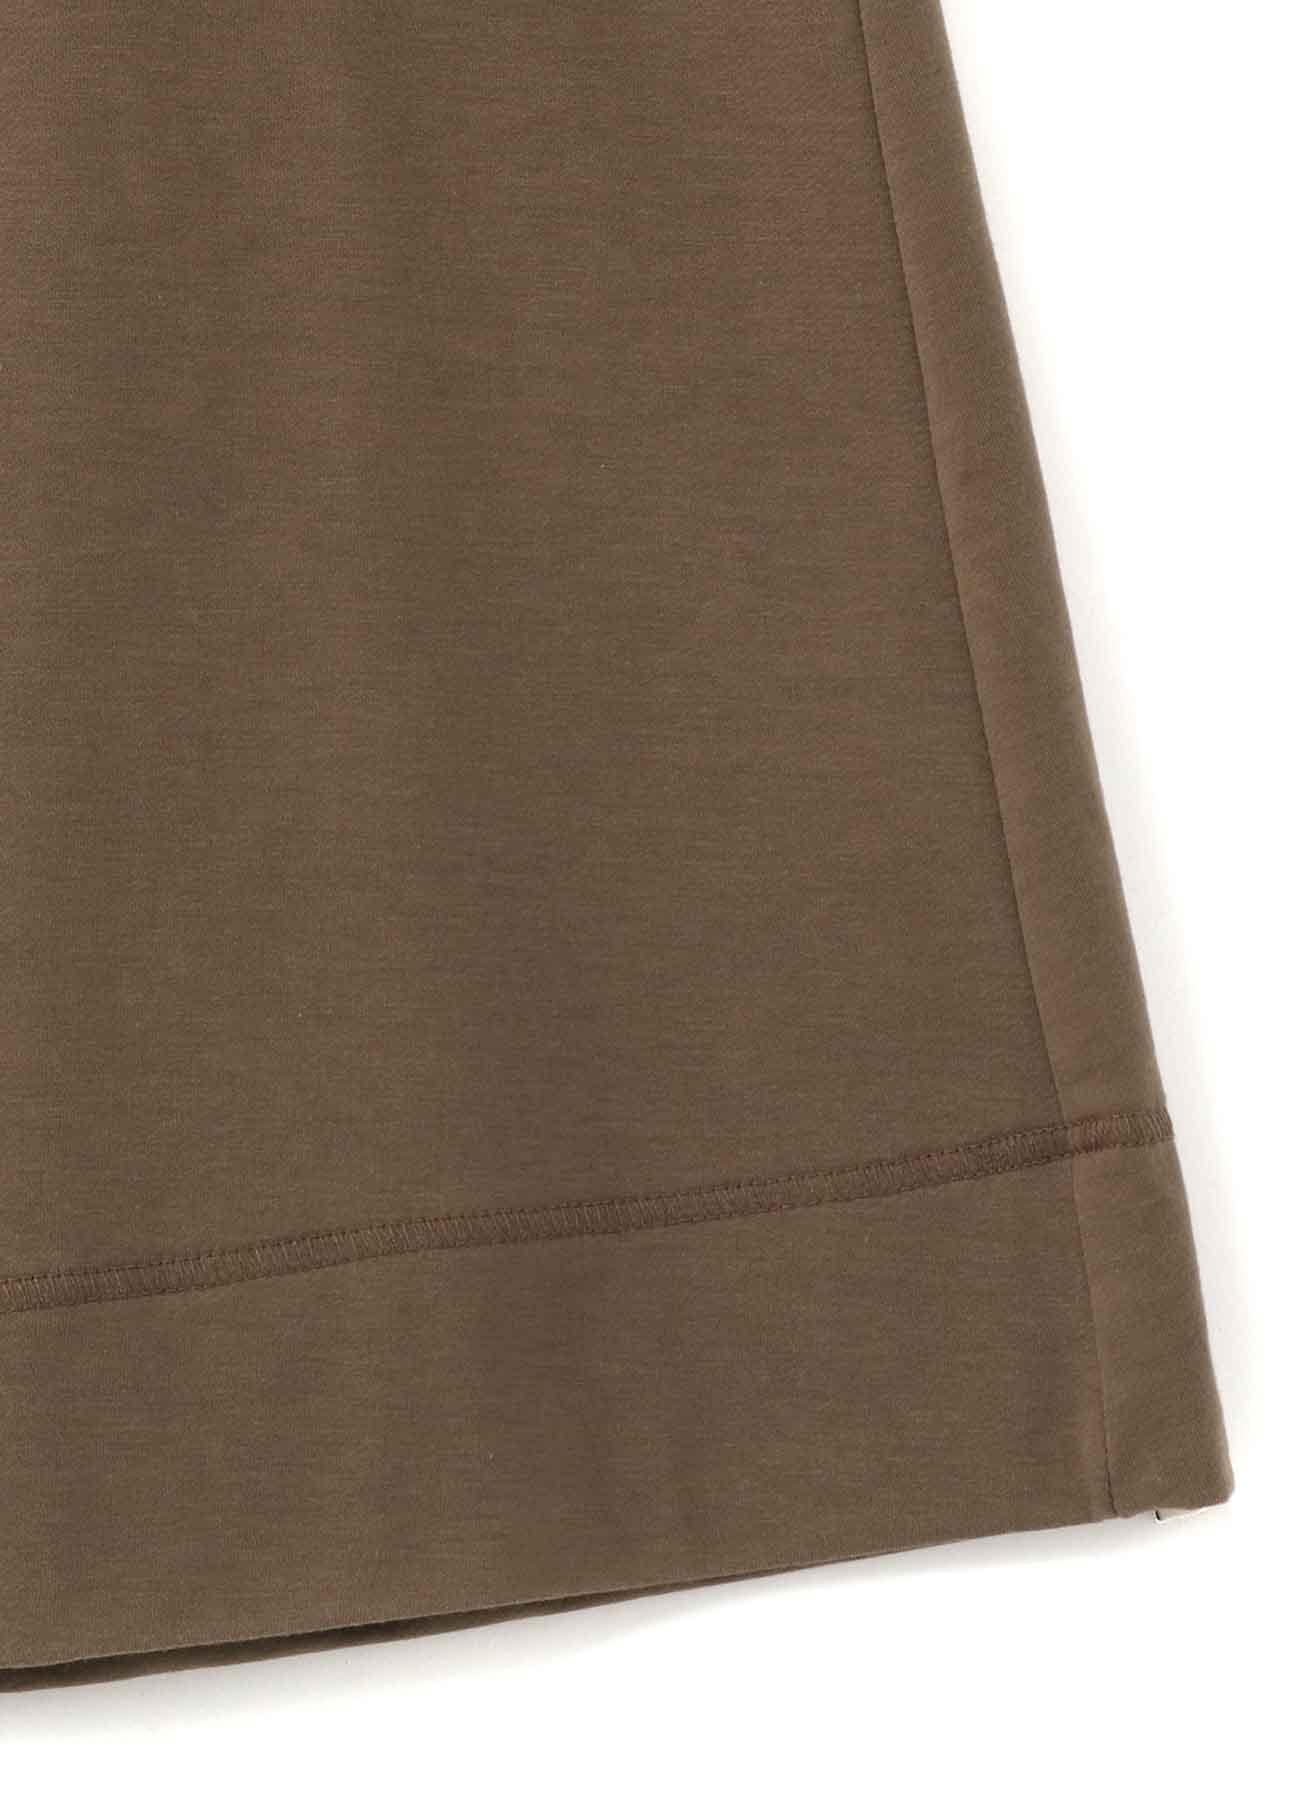 RISMATbyY's COTTON SUVIN GIZA FLEECE W BELT DESIGN WIDE PANTS